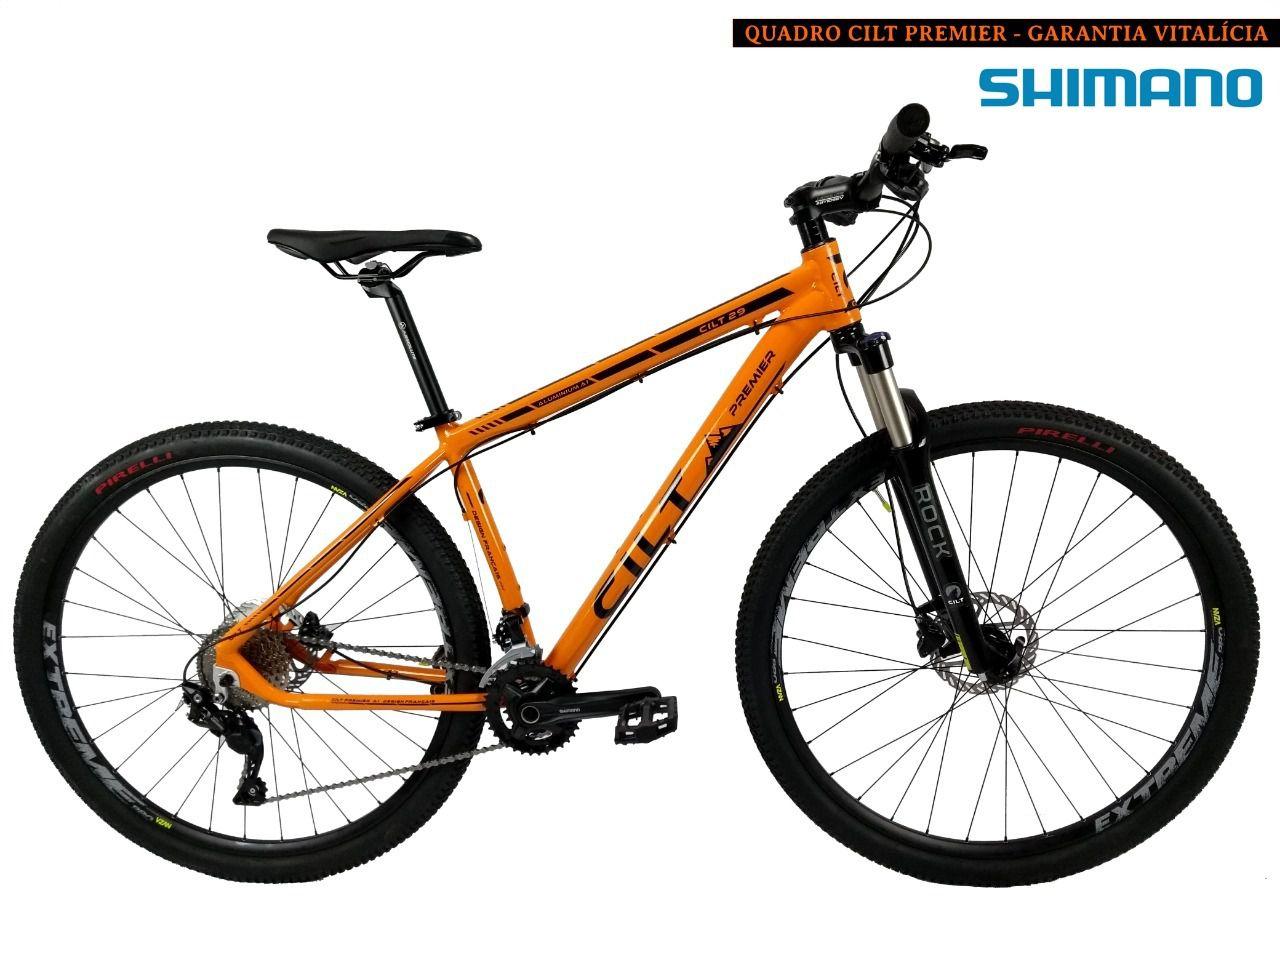 3c96b3114 Bicicleta aro 29 Cilt Premier 24v Shimano Freio Hidráulico P130 ...